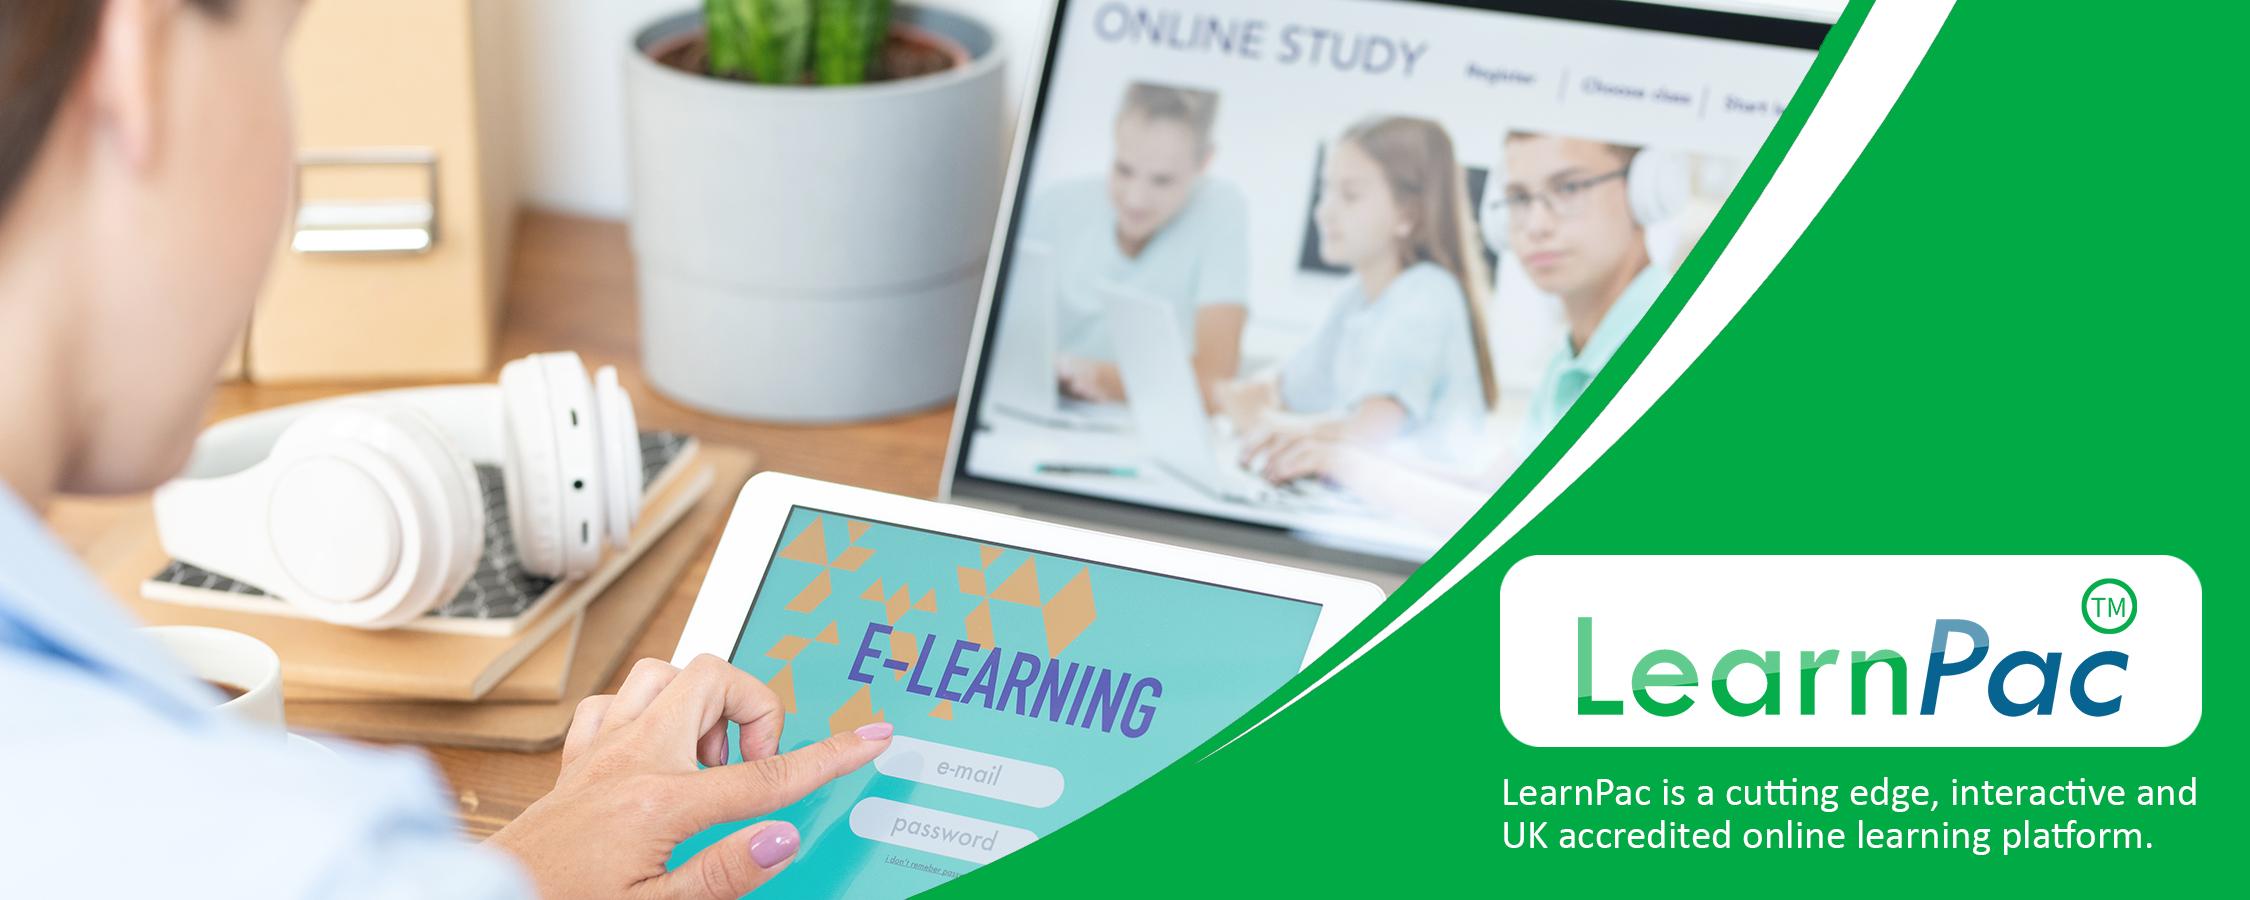 Drug Dosage Calculations - Online Learning Courses - E-Learning Courses - LearnPac Systems UK -